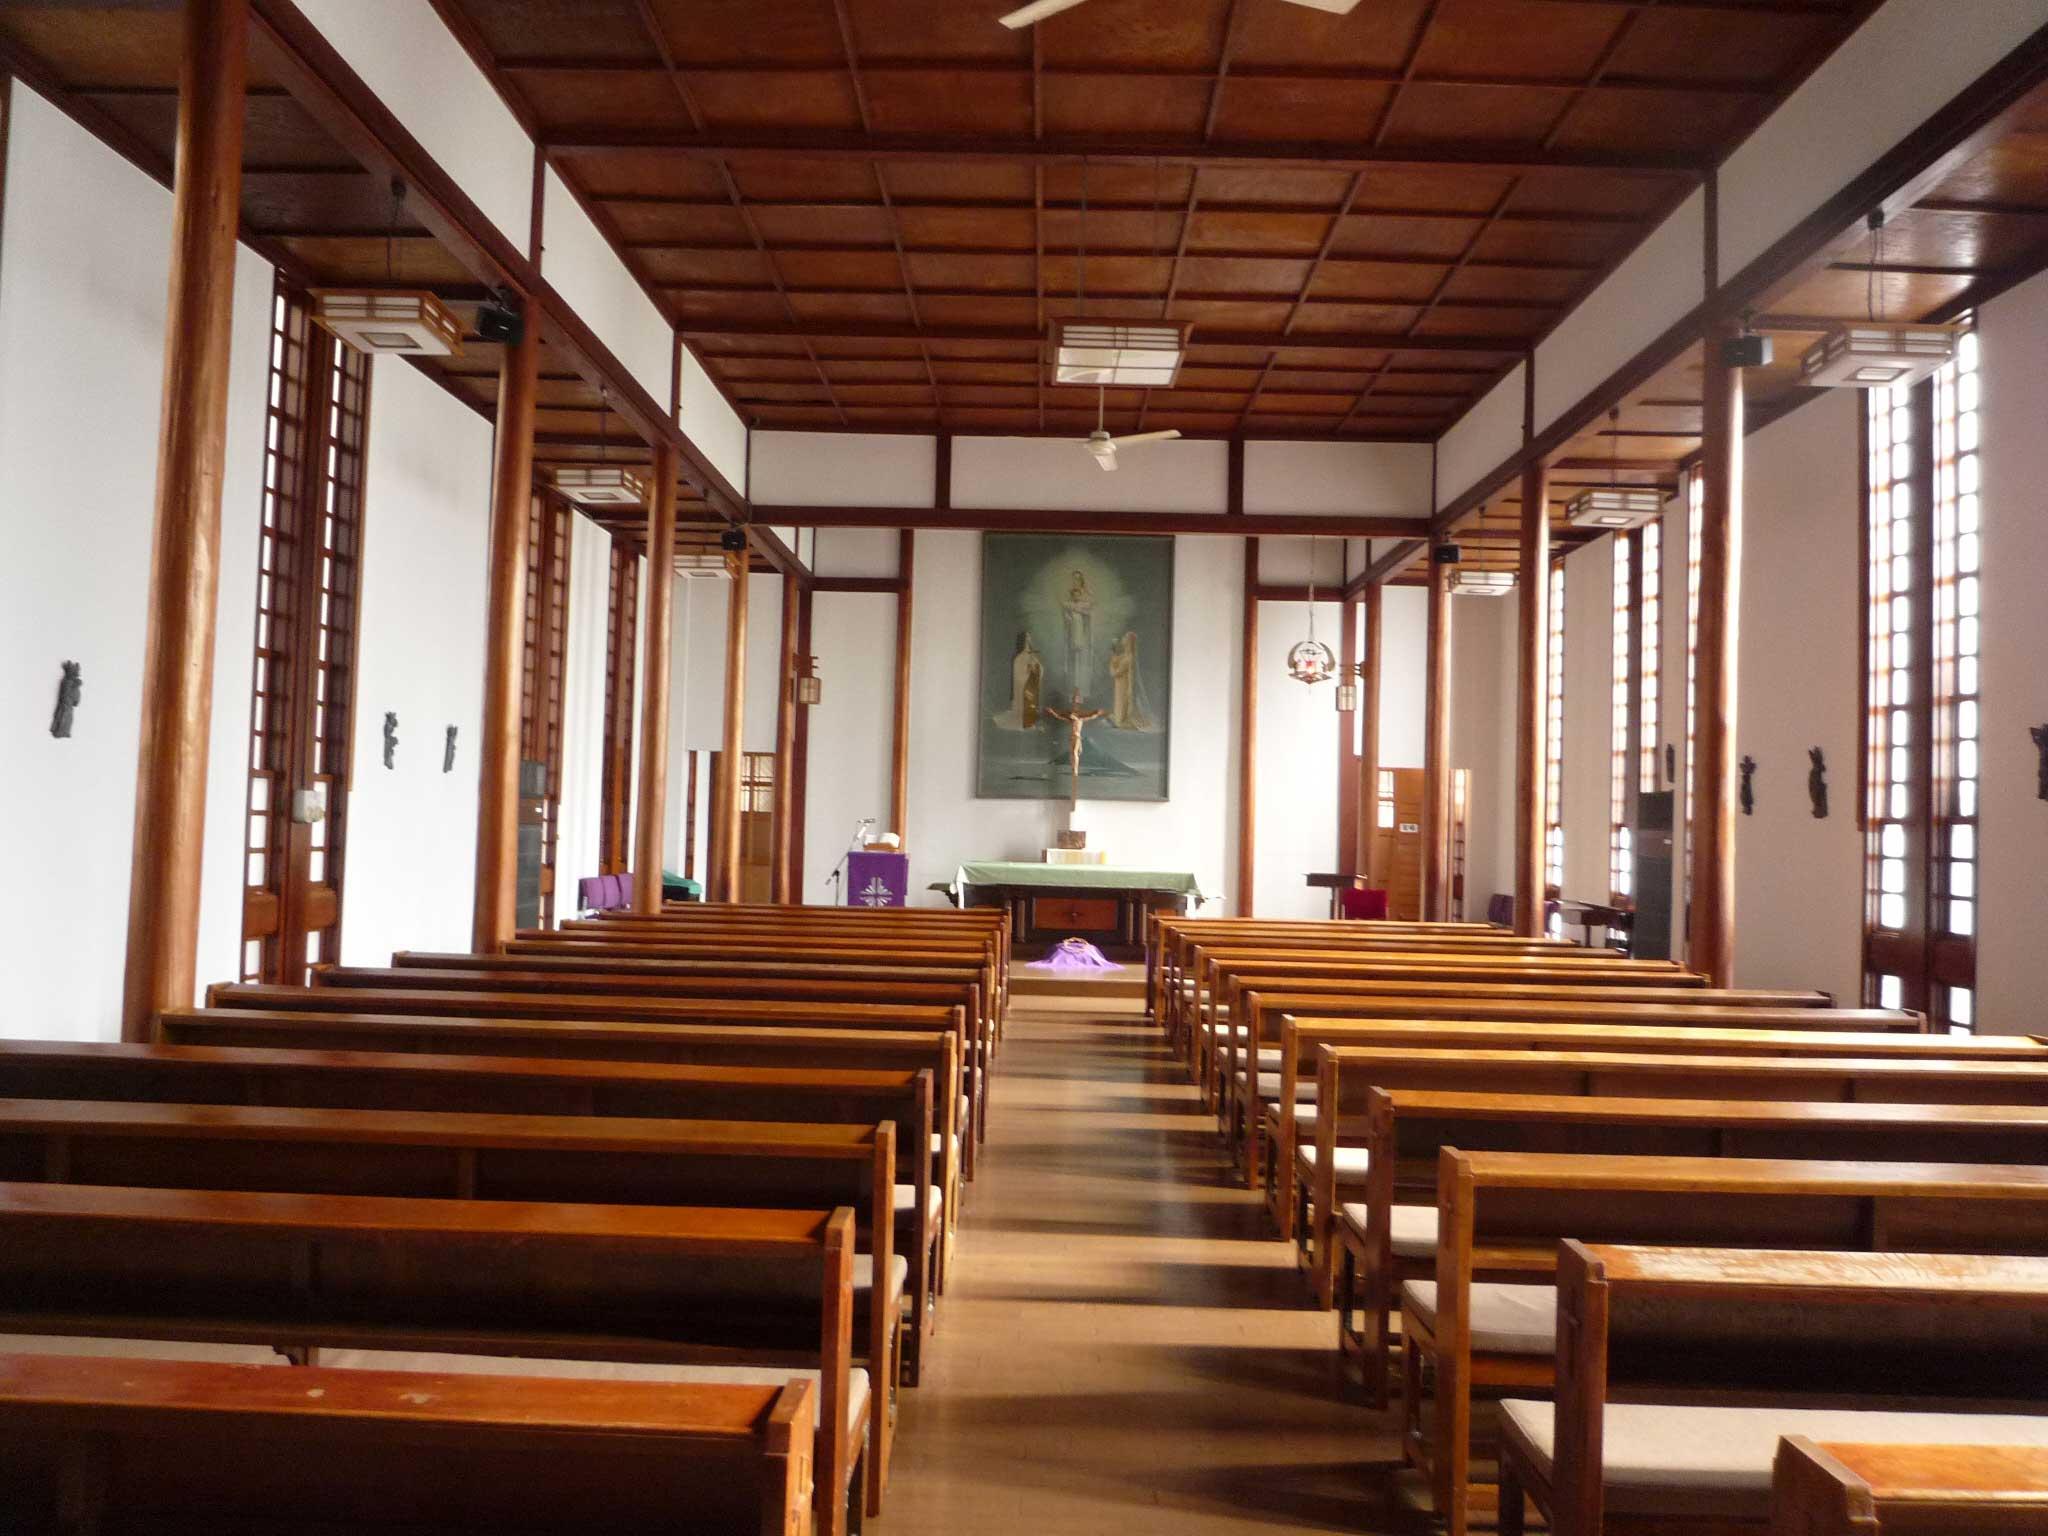 <p>教会聖堂内部</p>格子天花、側廊圓柱、側壁的真壁都可感受到和風